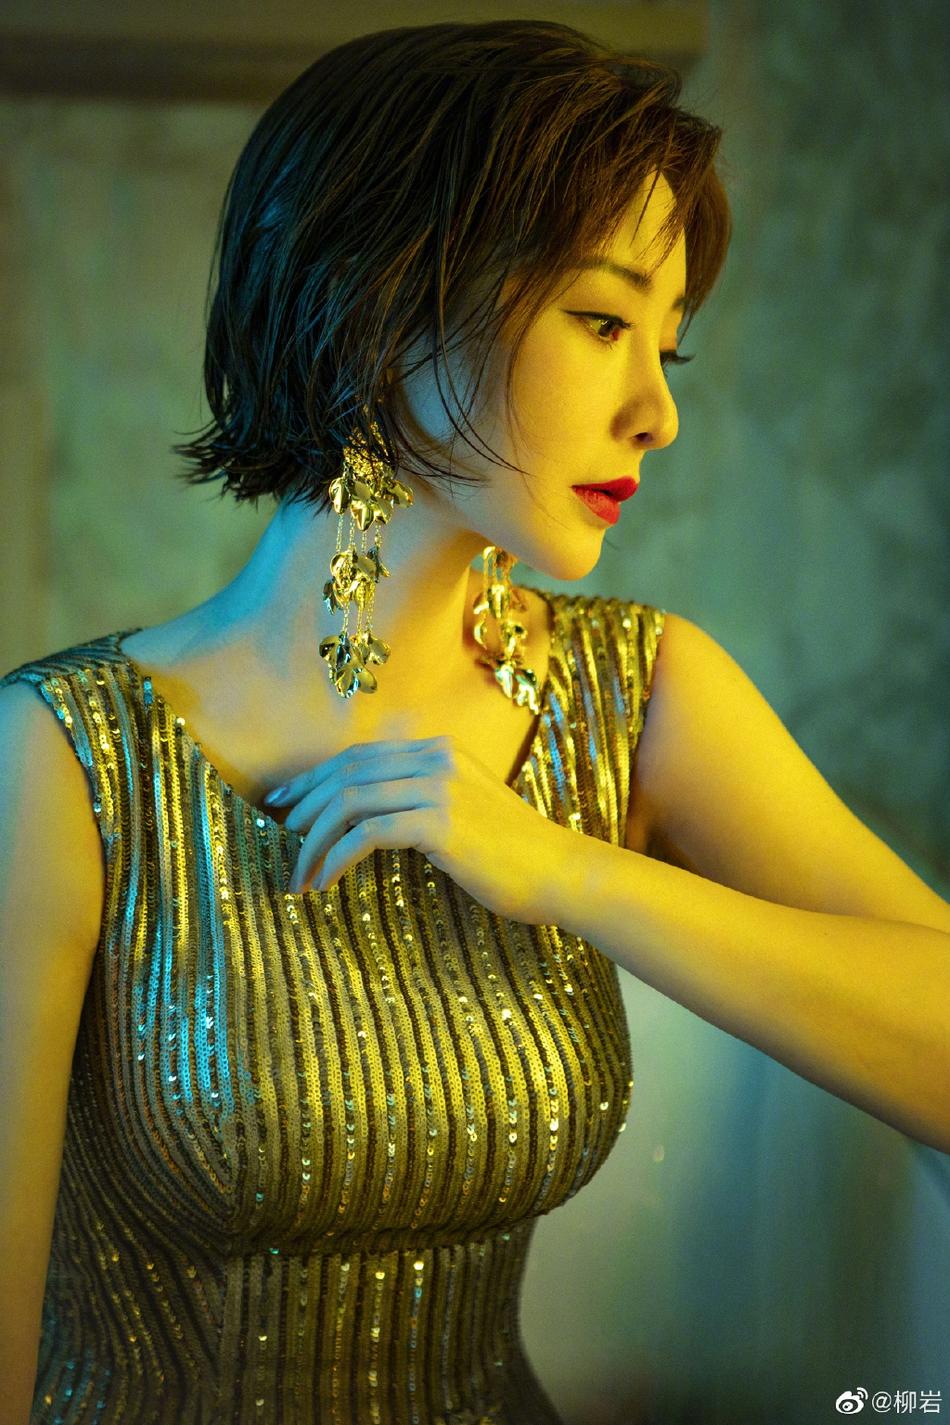 柳岩穿金色亮片裙身姿迷人 一头短发配红唇性感妩媚